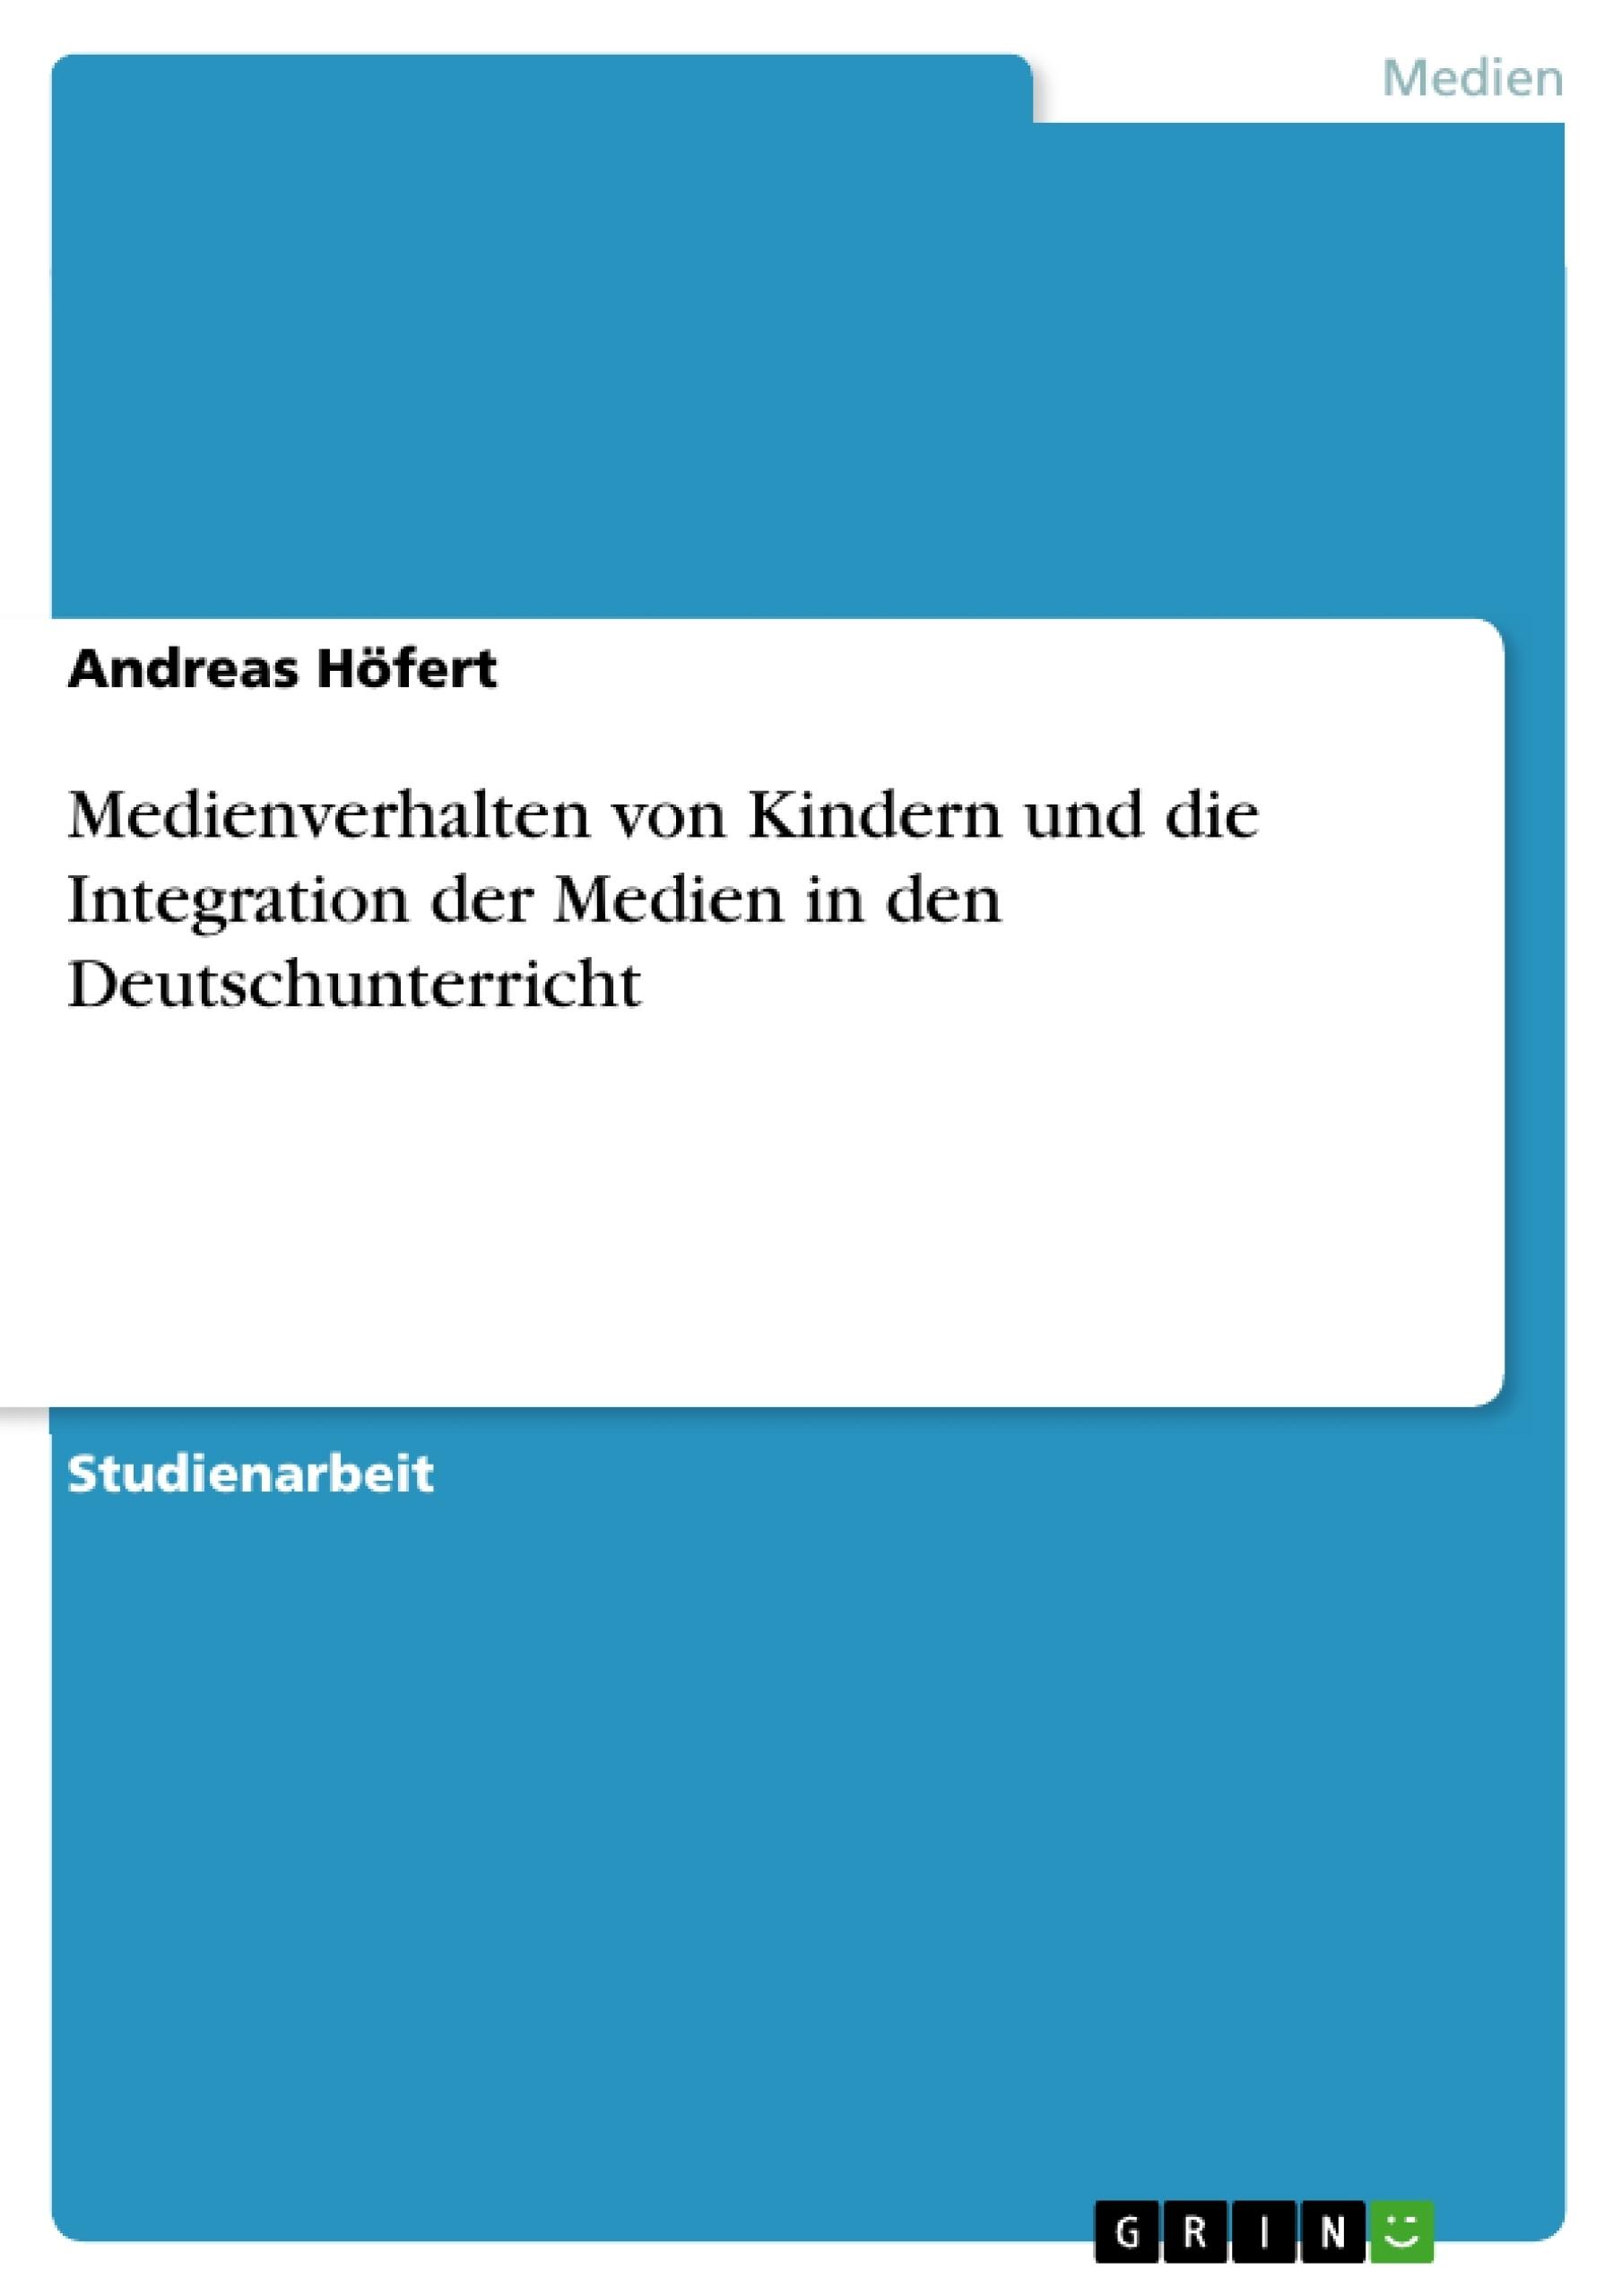 Titel: Medienverhalten von Kindern und die Integration der Medien in den Deutschunterricht